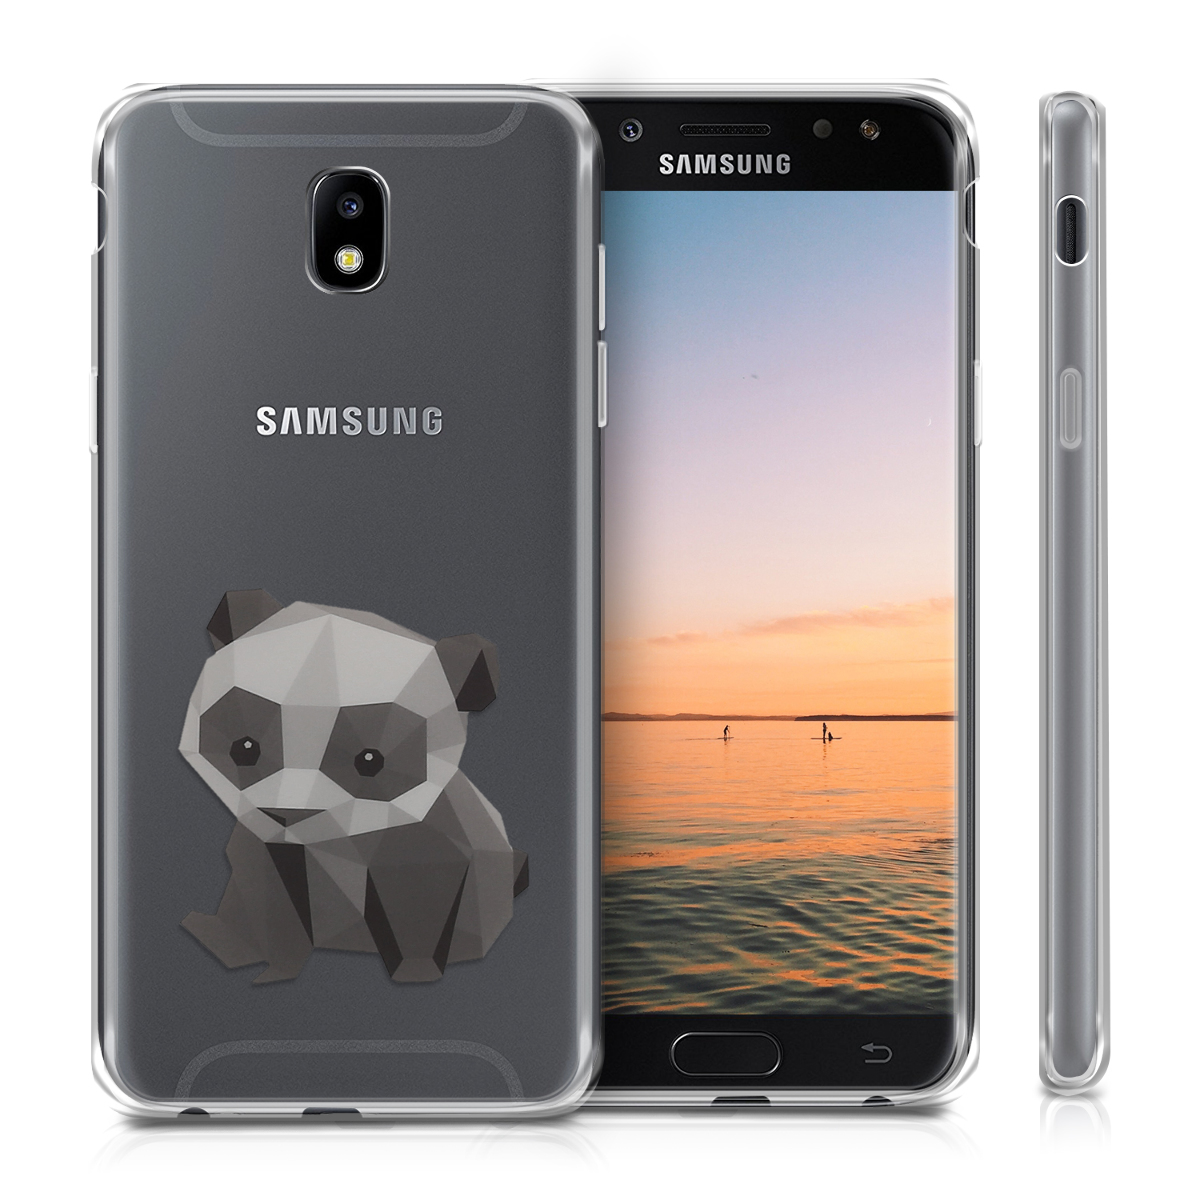 Handyhülle Samsung Galaxy : h lle f r samsung galaxy j5 2017 duos handyh lle handy case cover klar ebay ~ Aude.kayakingforconservation.com Haus und Dekorationen